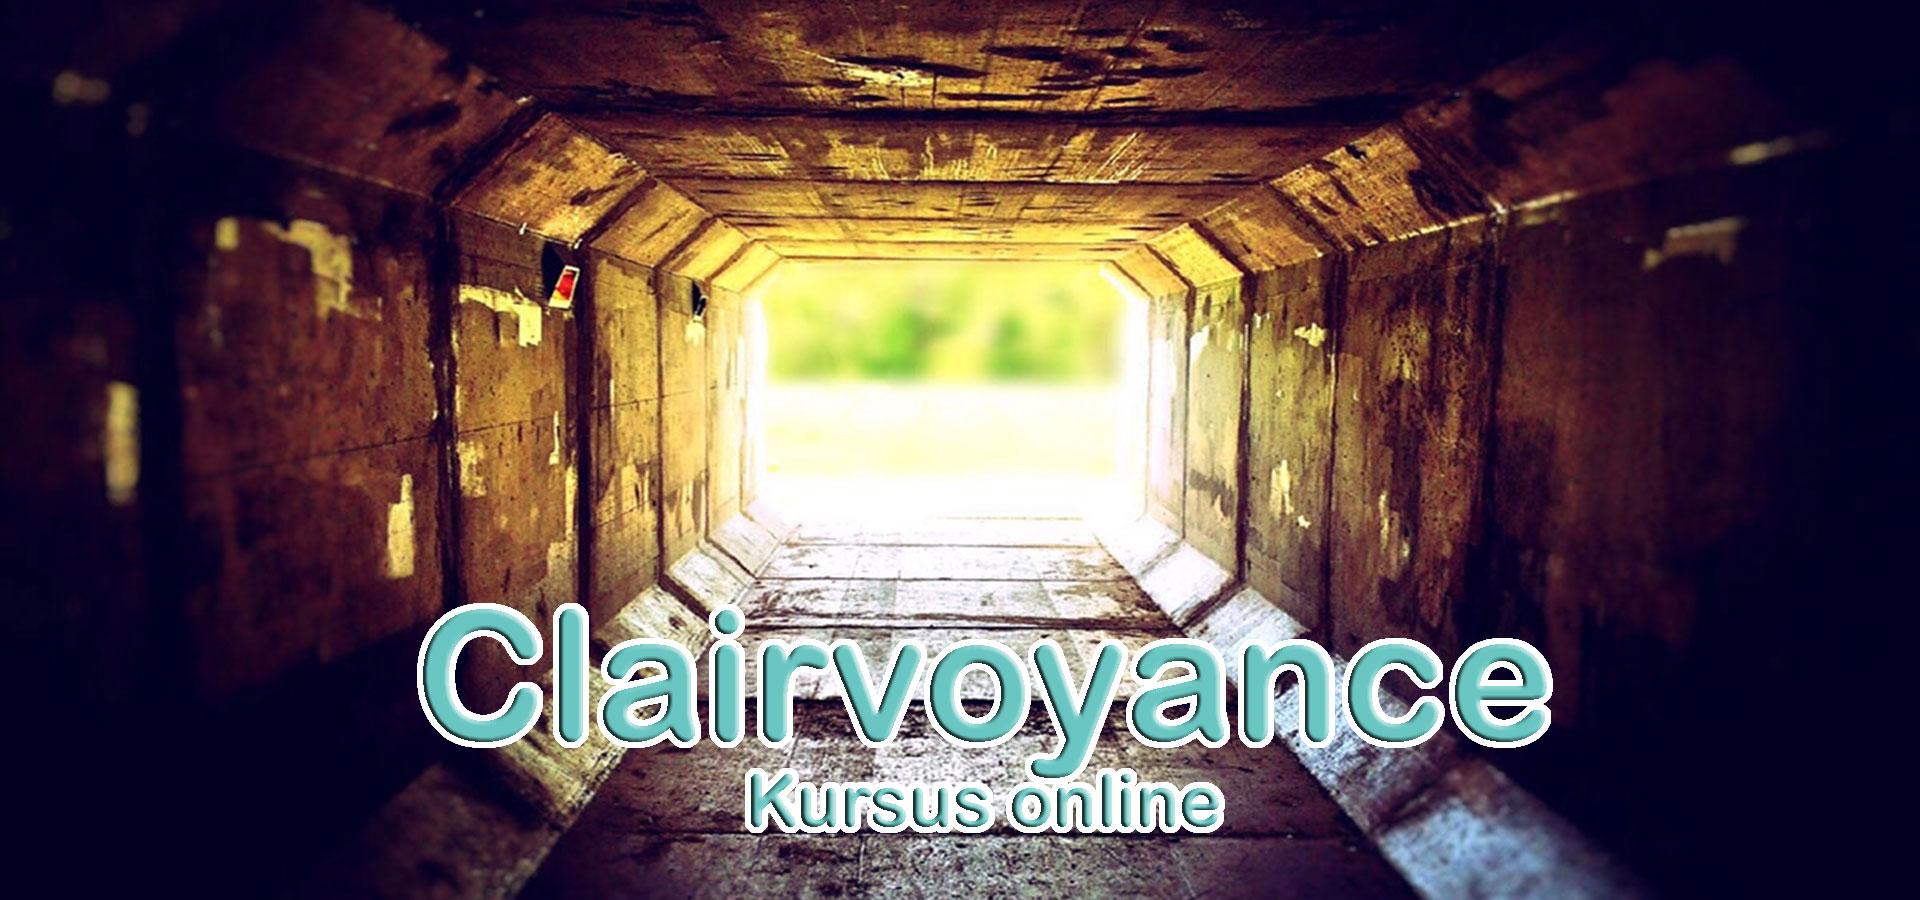 kursus clairvoyance - Kursus online | Clairvoyance